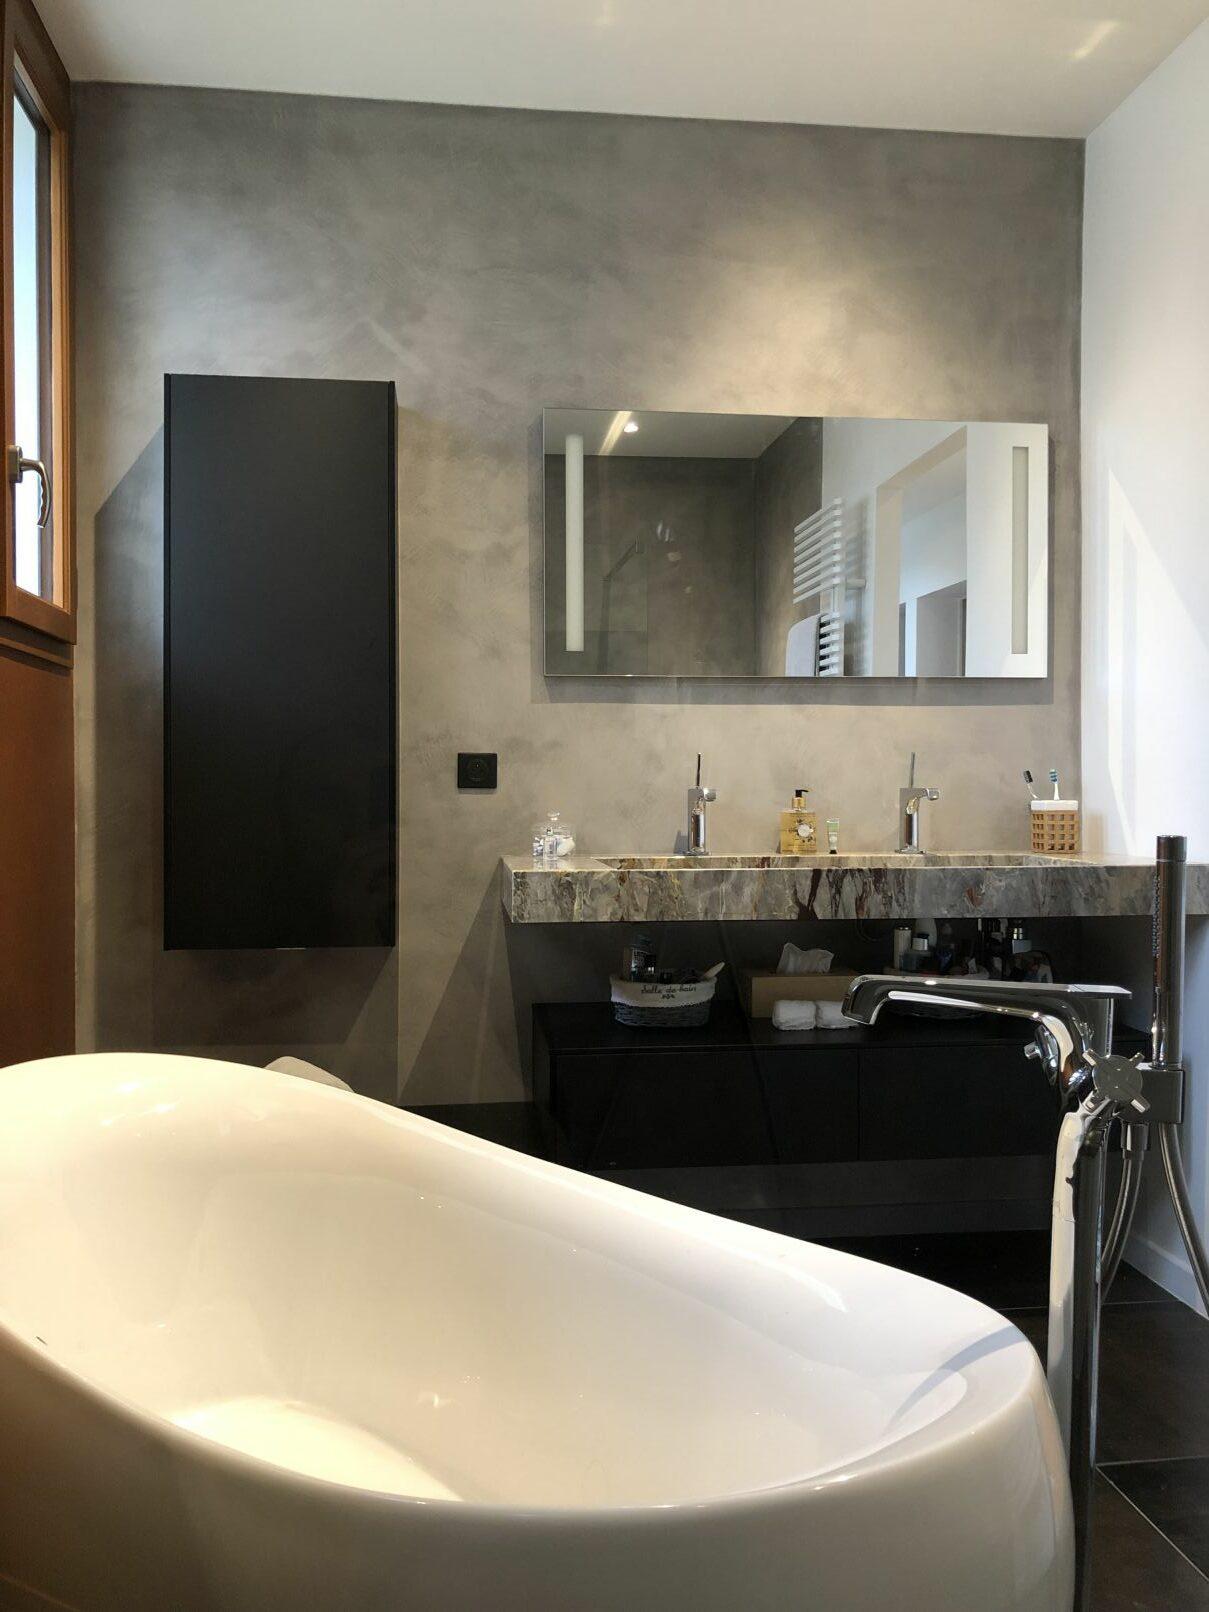 Meuble lavabo en marbre brut, travail d'exception